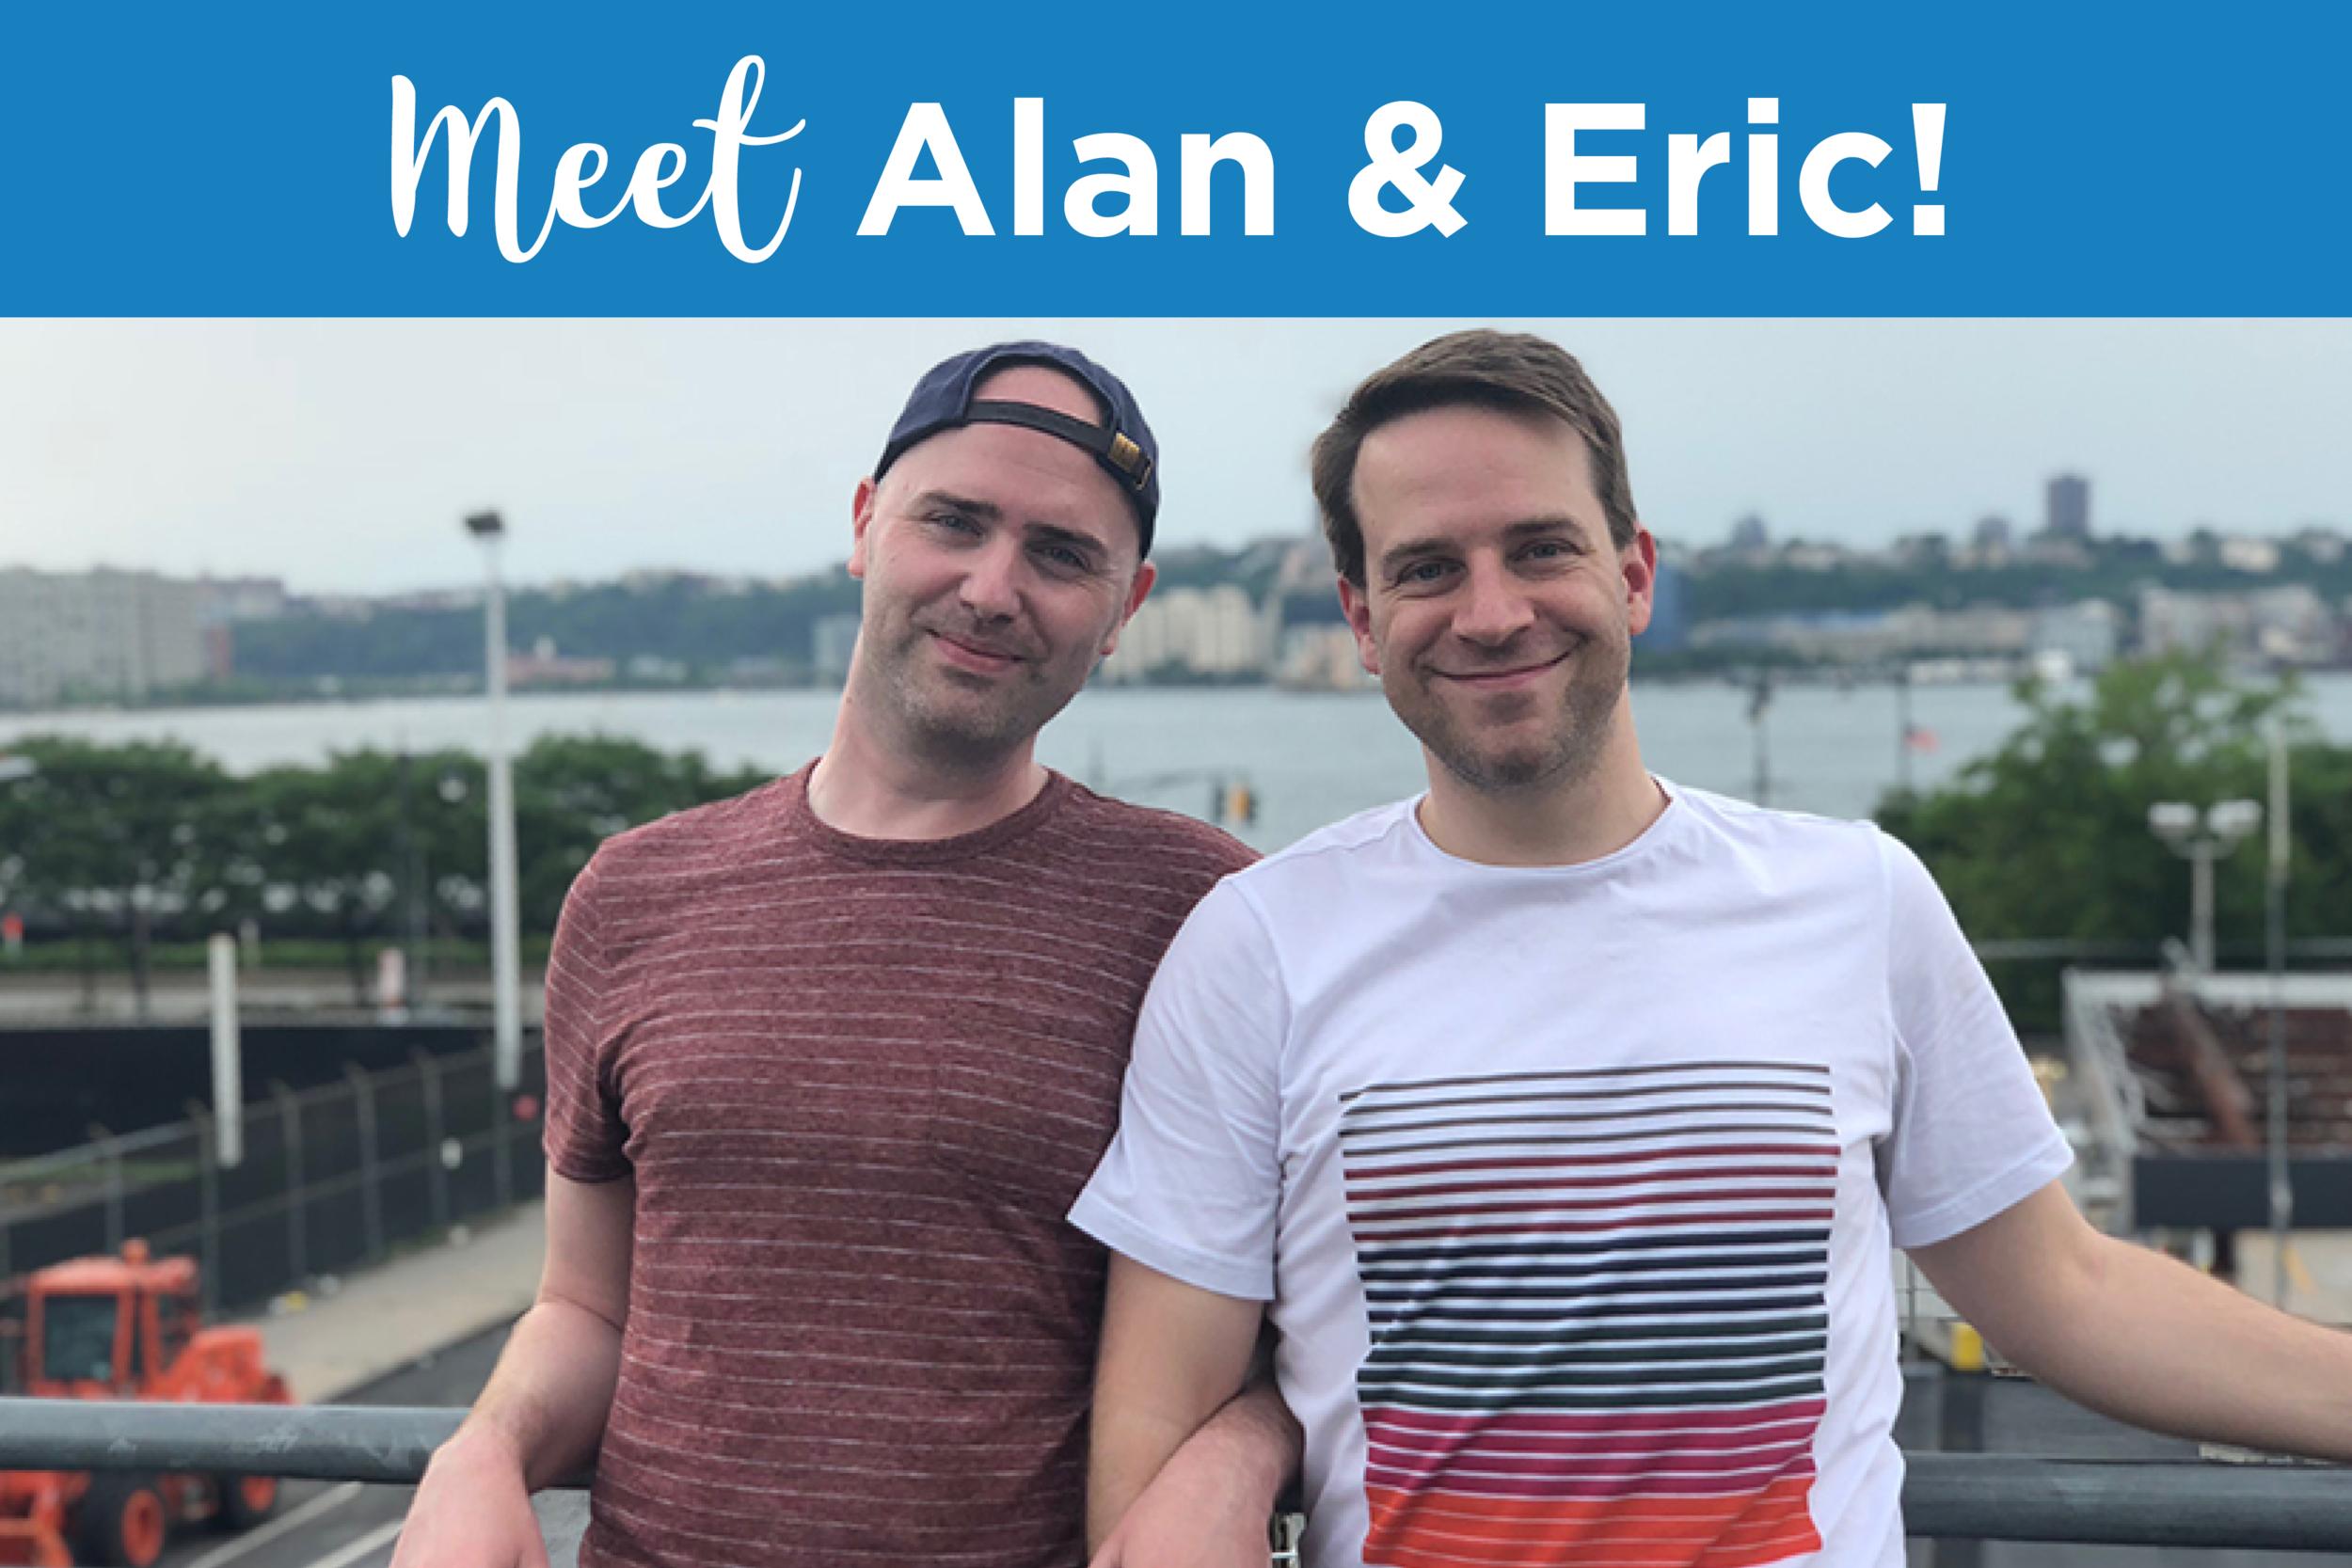 Meet-AlanEric-2019.png